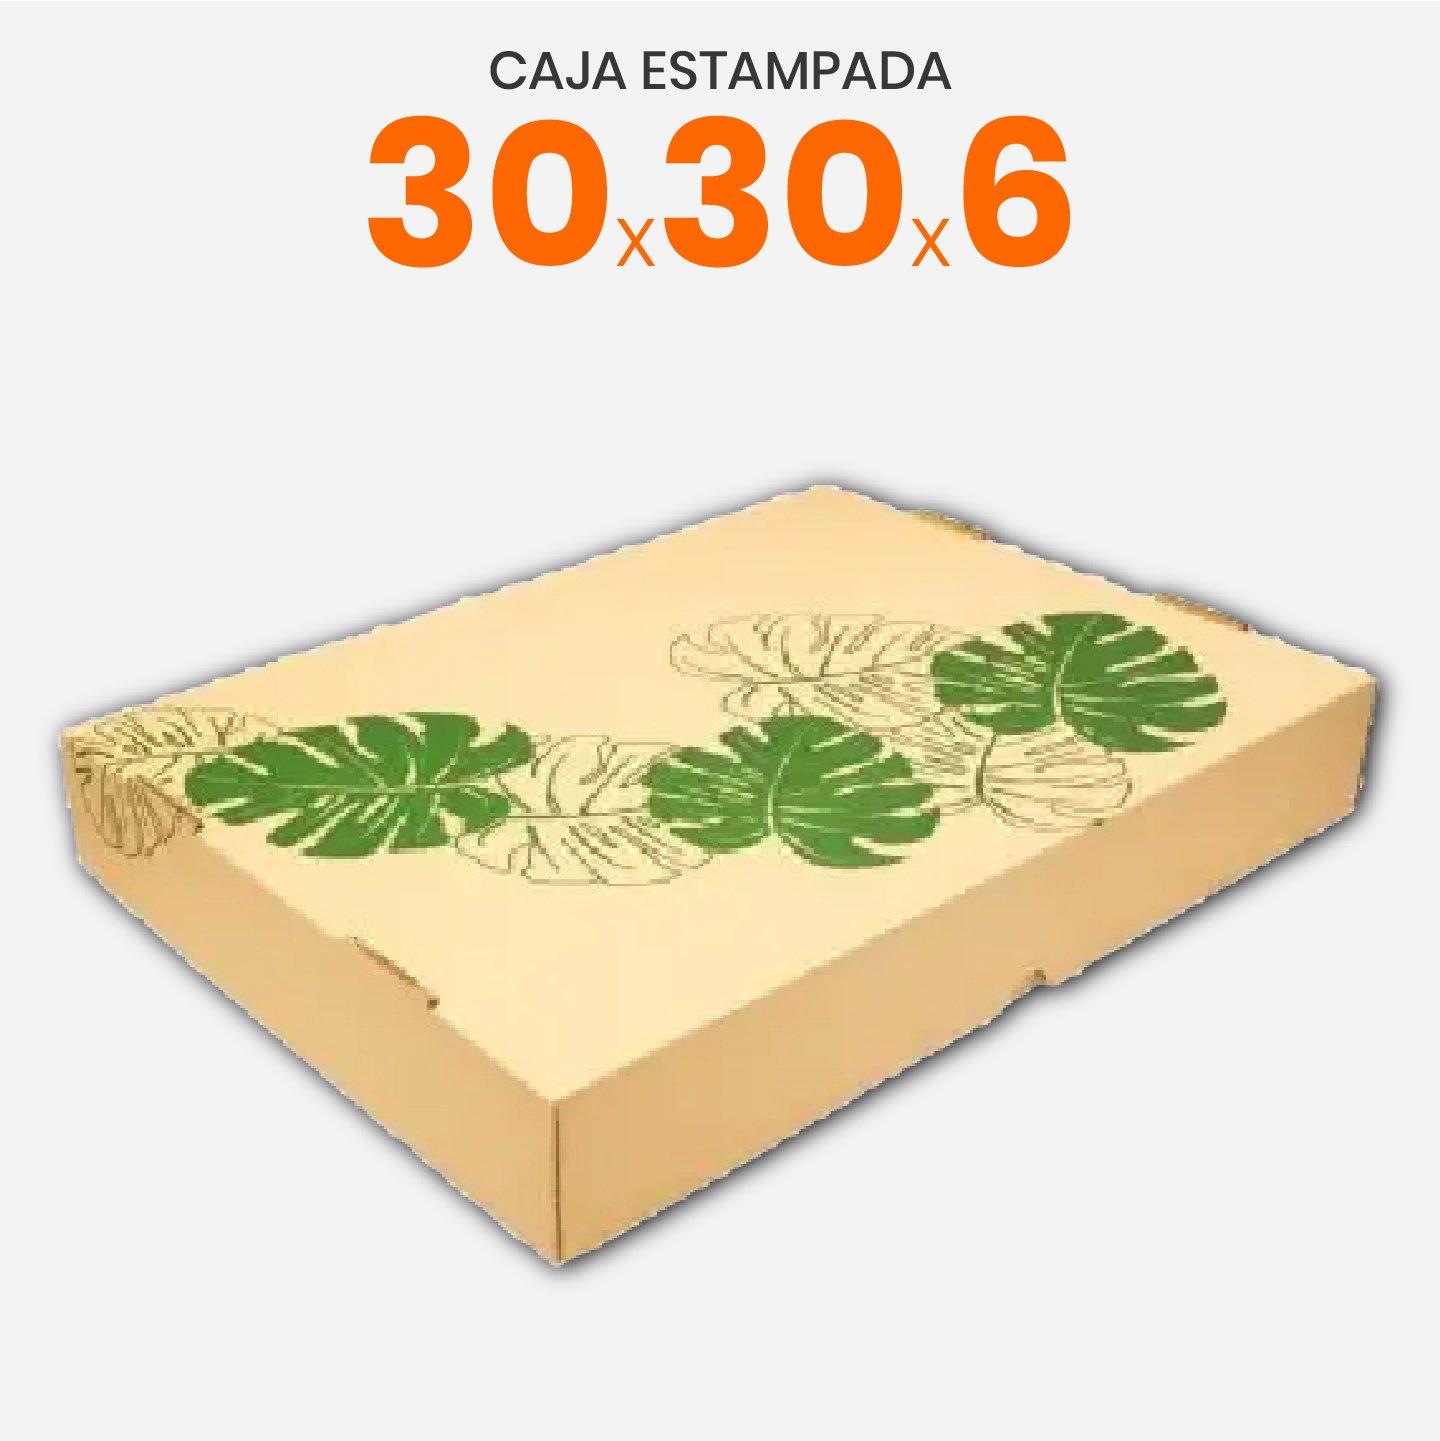 Caja De Cartón Corrugado Con Estampa De Hojas 30x30x6